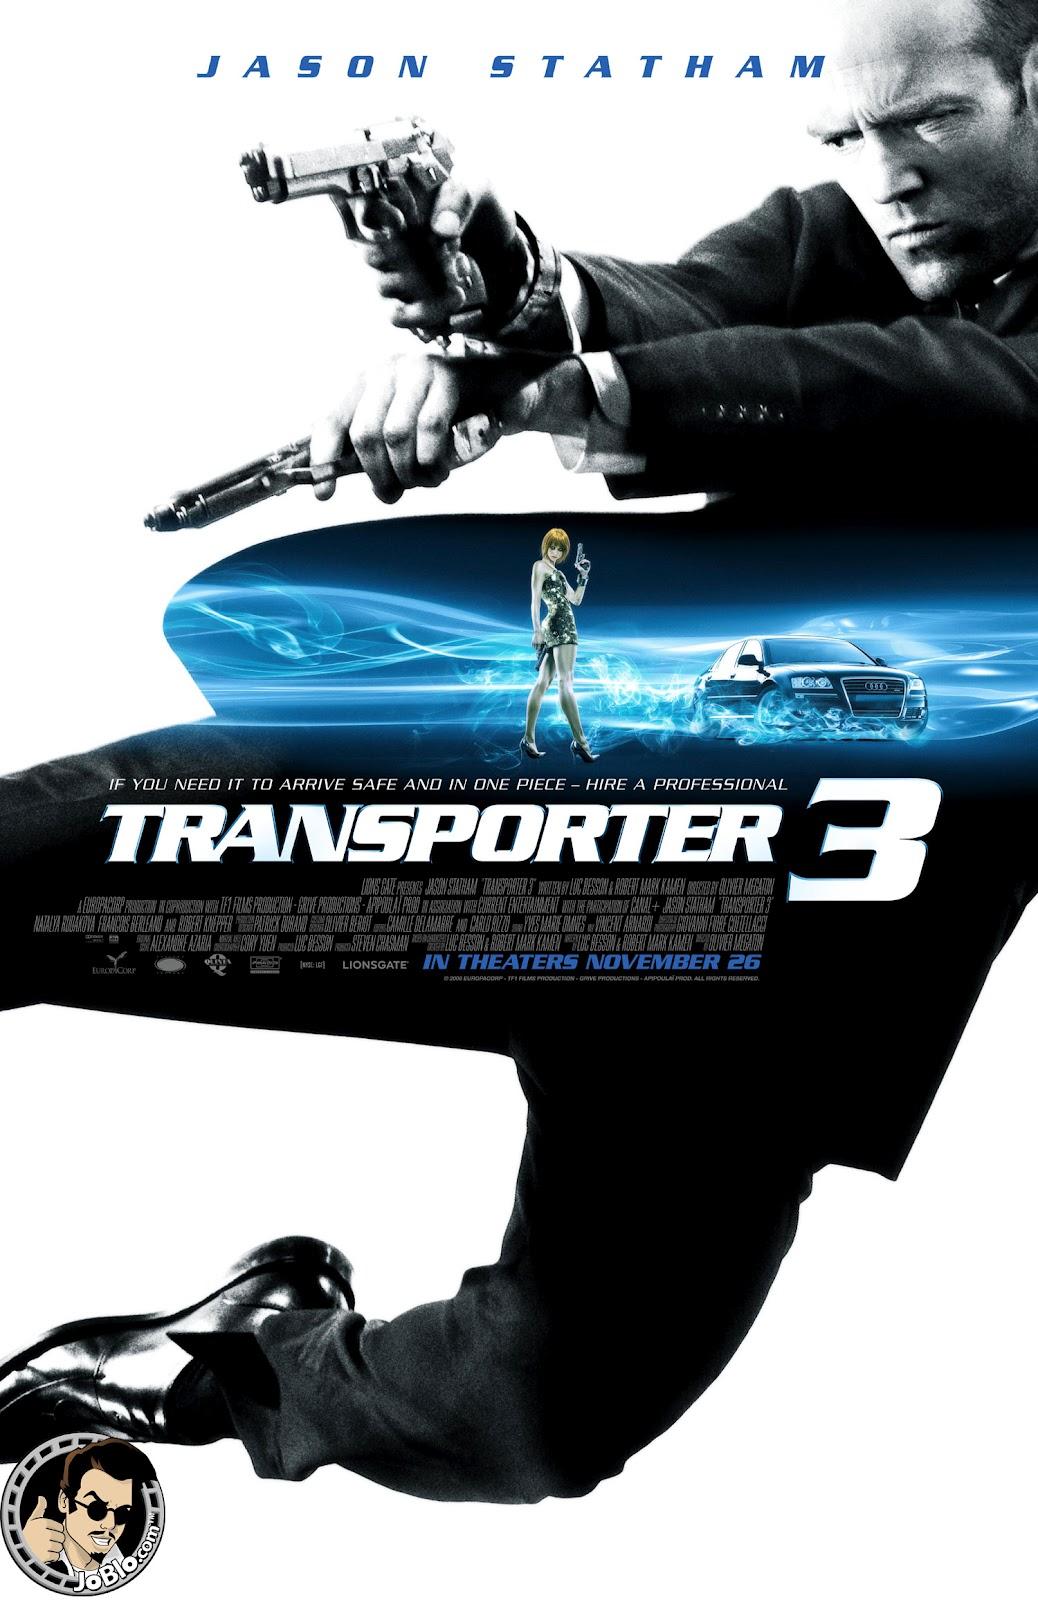 http://4.bp.blogspot.com/-xA3g_Ljvuao/T21FpmTVjlI/AAAAAAAAAKM/wccF0-ROuUM/s1600/transporter-3.jpg